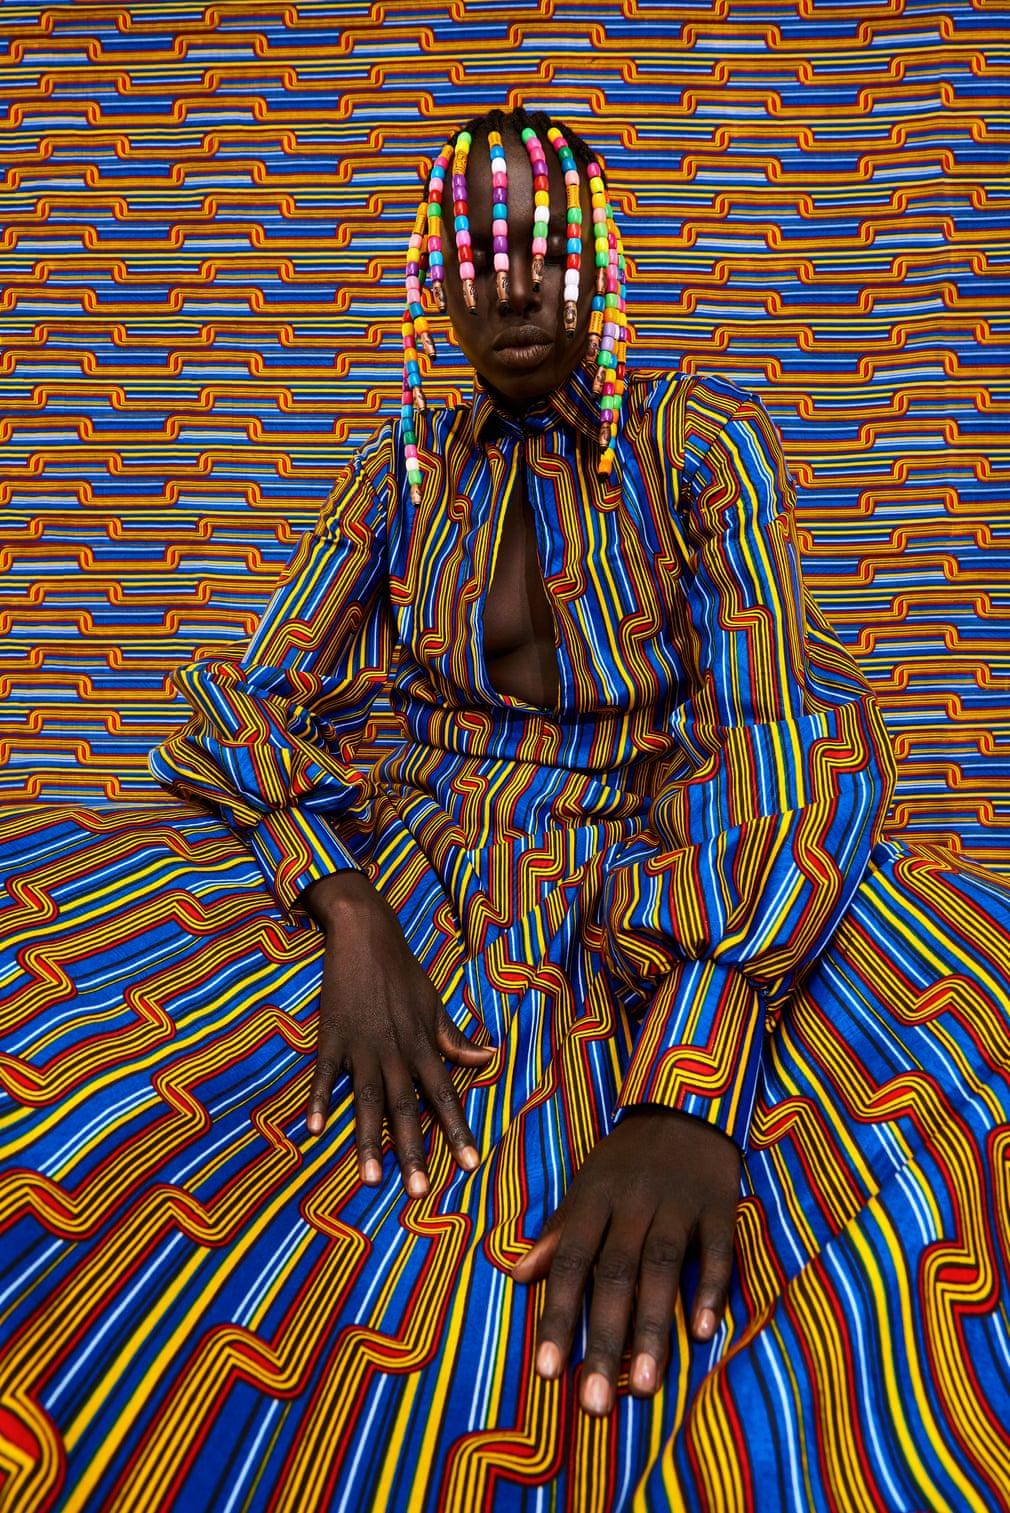 """""""美丽和伟大不只属于诸神""""(非洲谚语)。 头发上的珠饰灵感来自这位艺术家在肯尼亚长大时佩戴和珍藏的珠子。在那里,珠子颜色越鲜艳,头发就越漂亮。 用珠子装饰头发在非洲的美容文化中很常见。"""